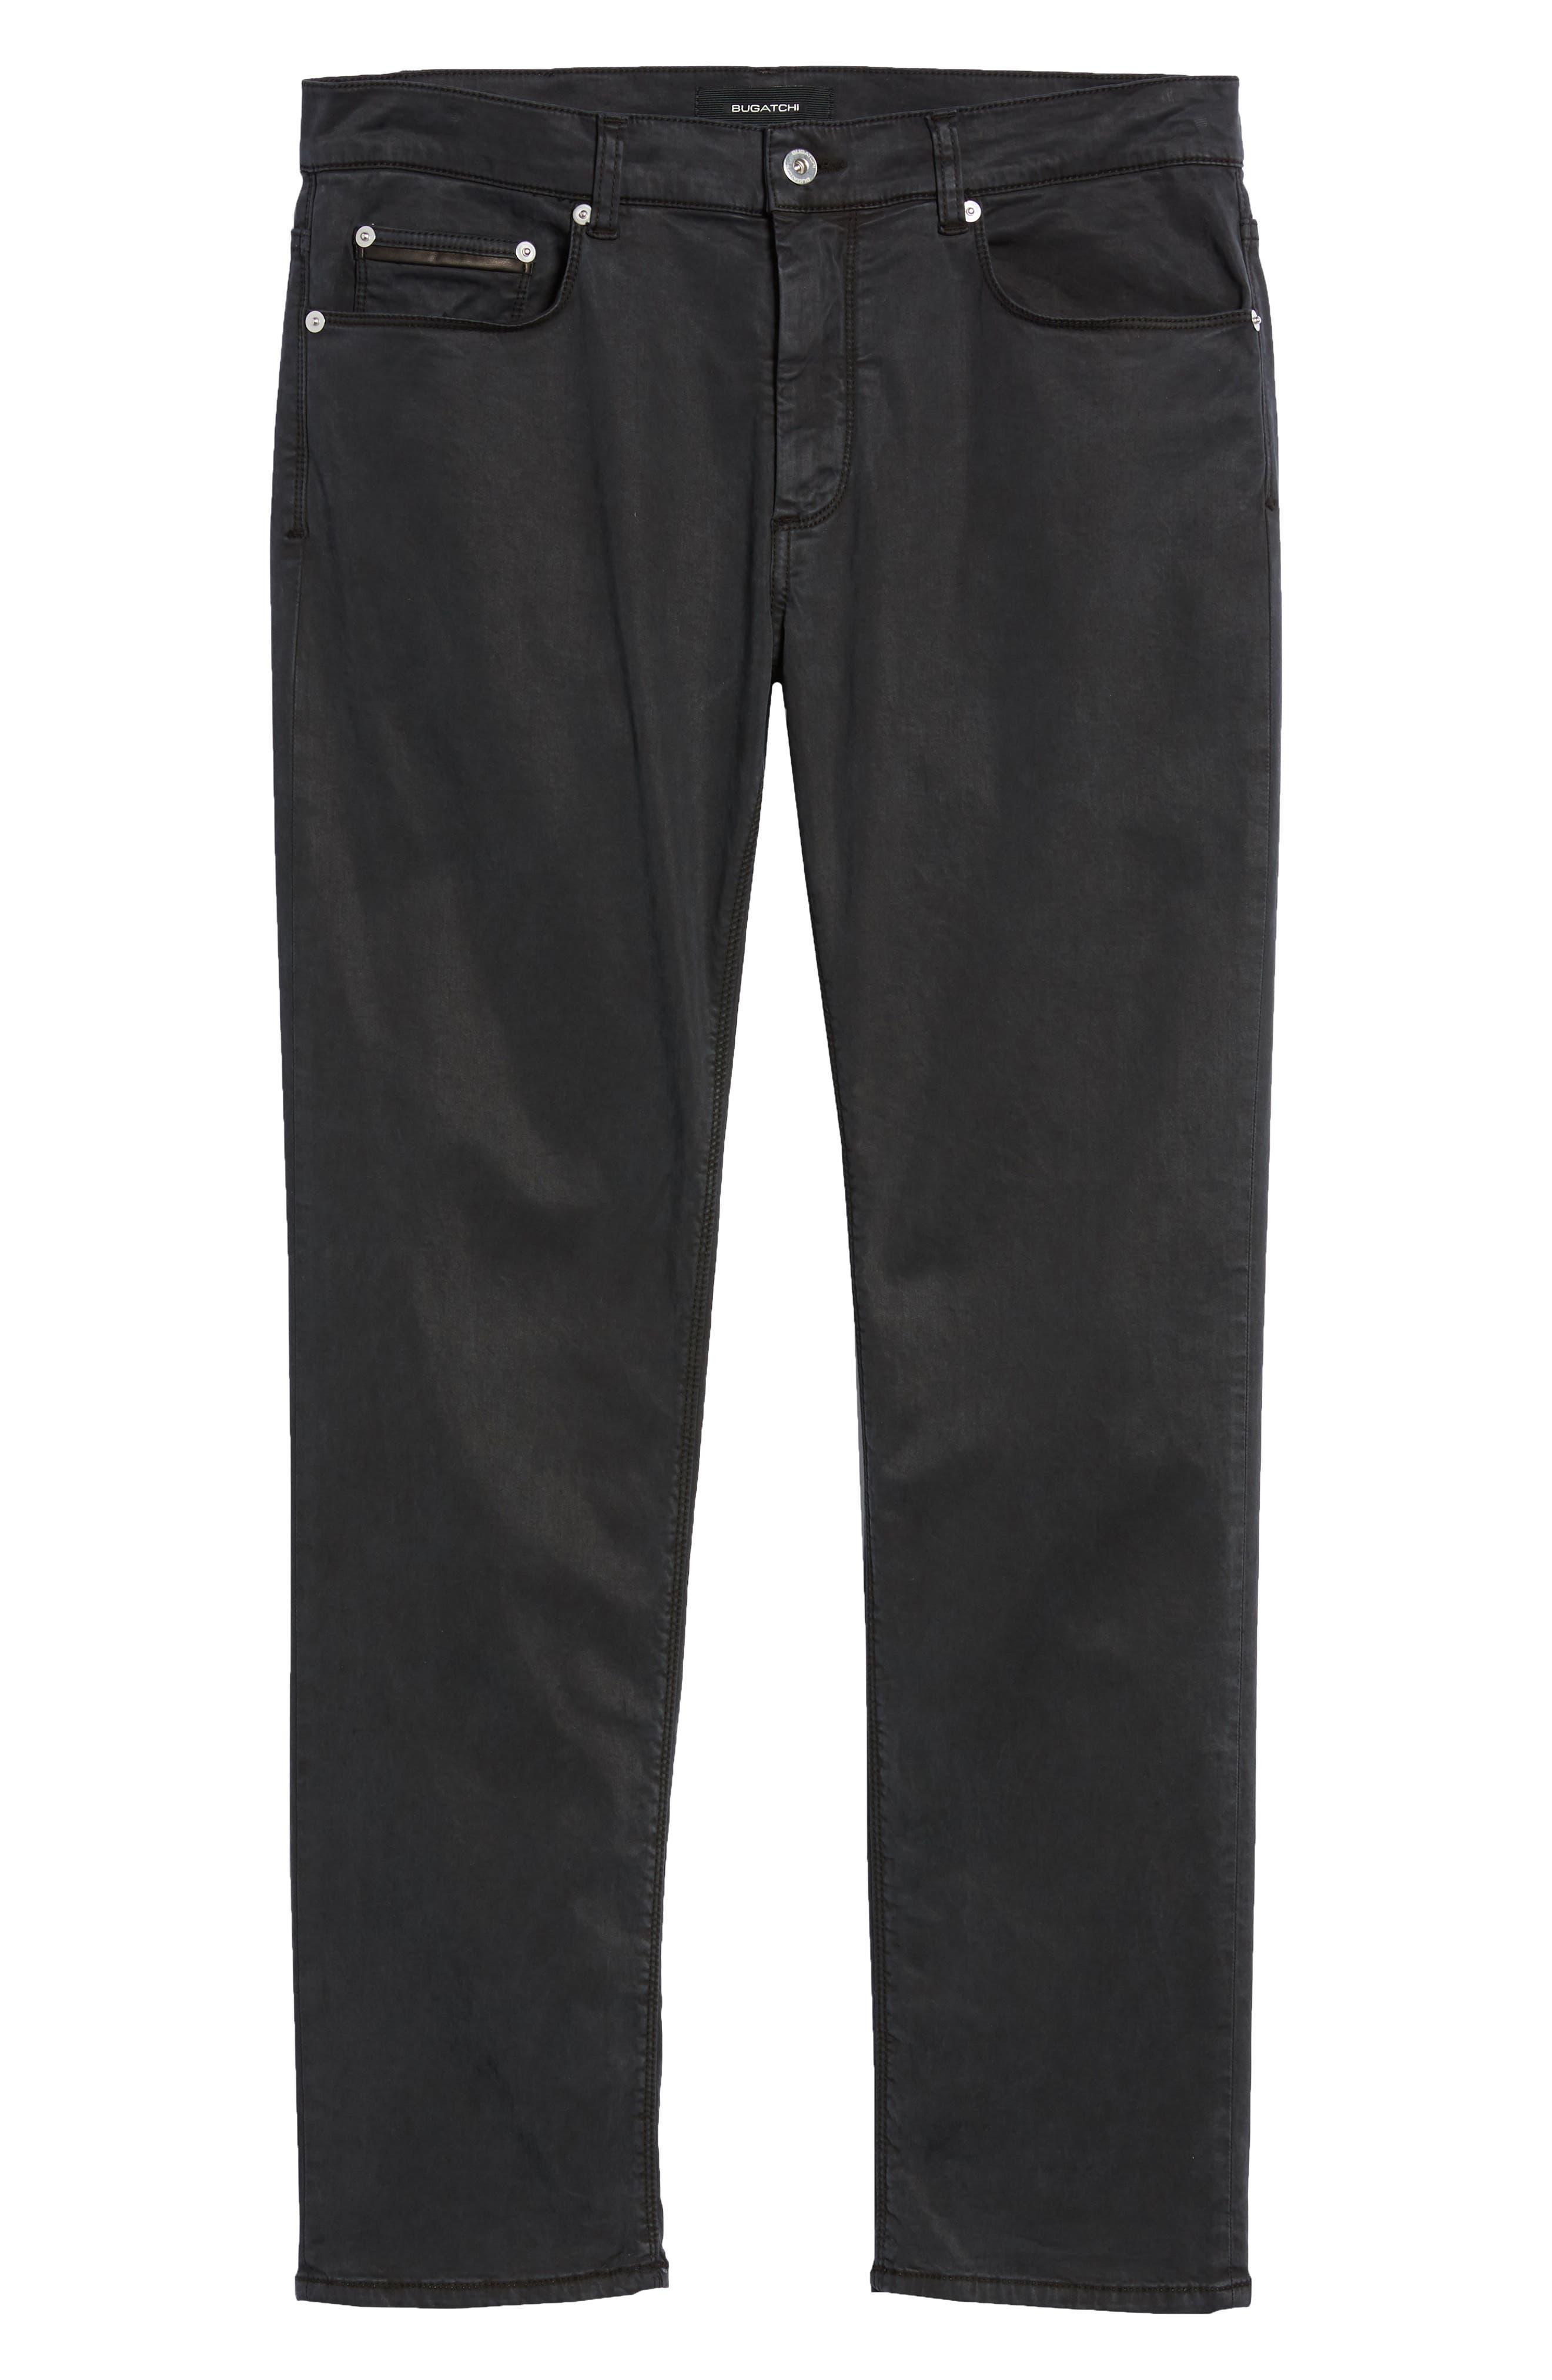 Trim Fit Pants,                             Alternate thumbnail 6, color,                             001